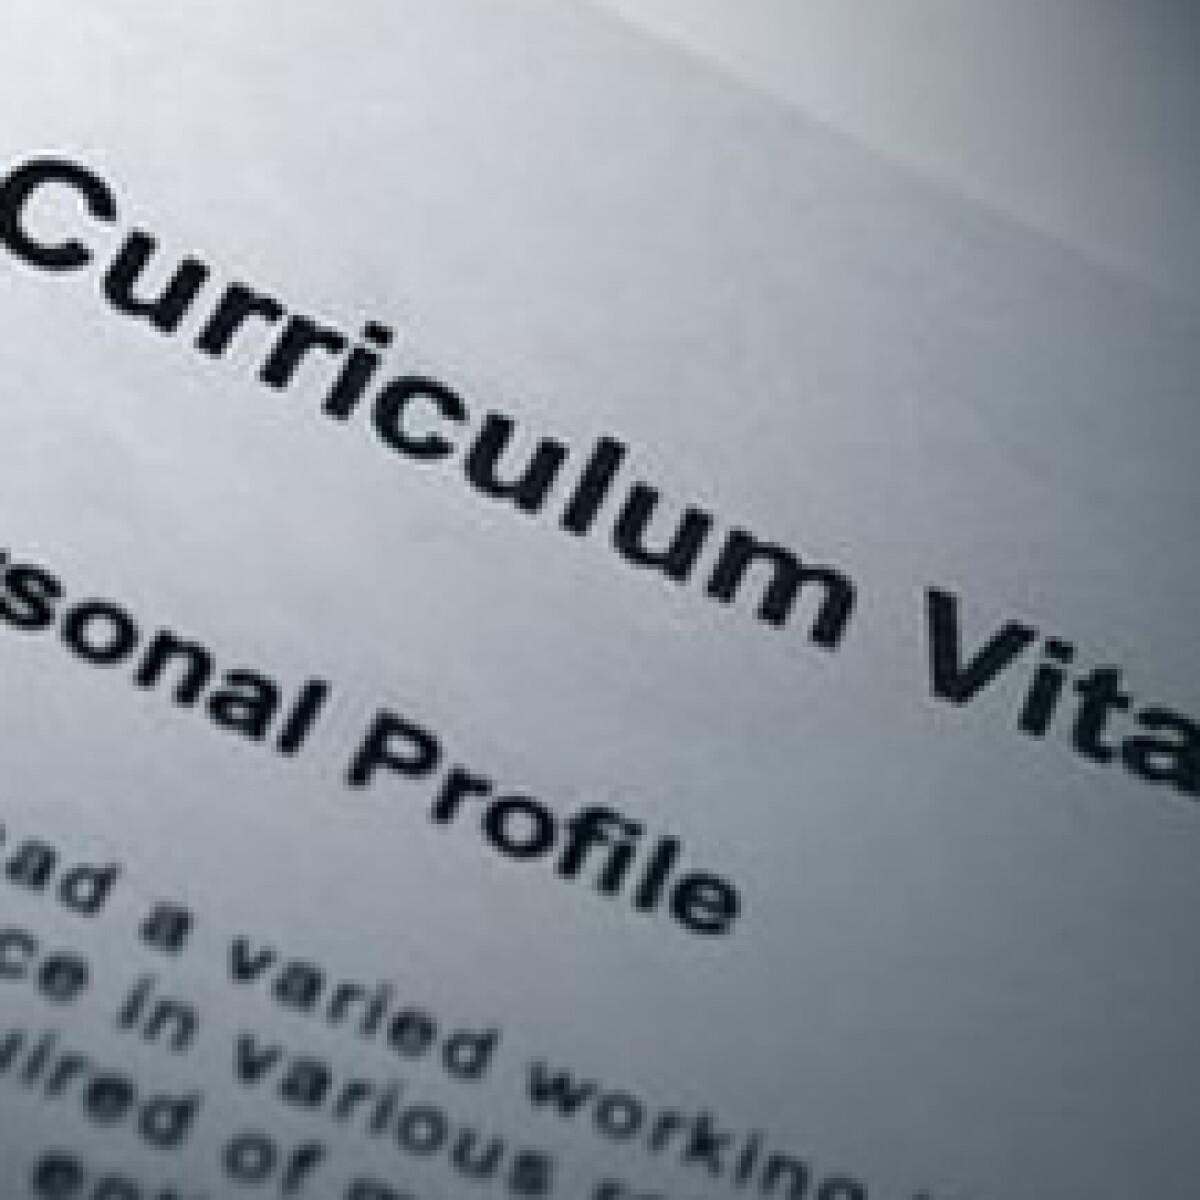 Cómo explicar un agujero en tu currículum